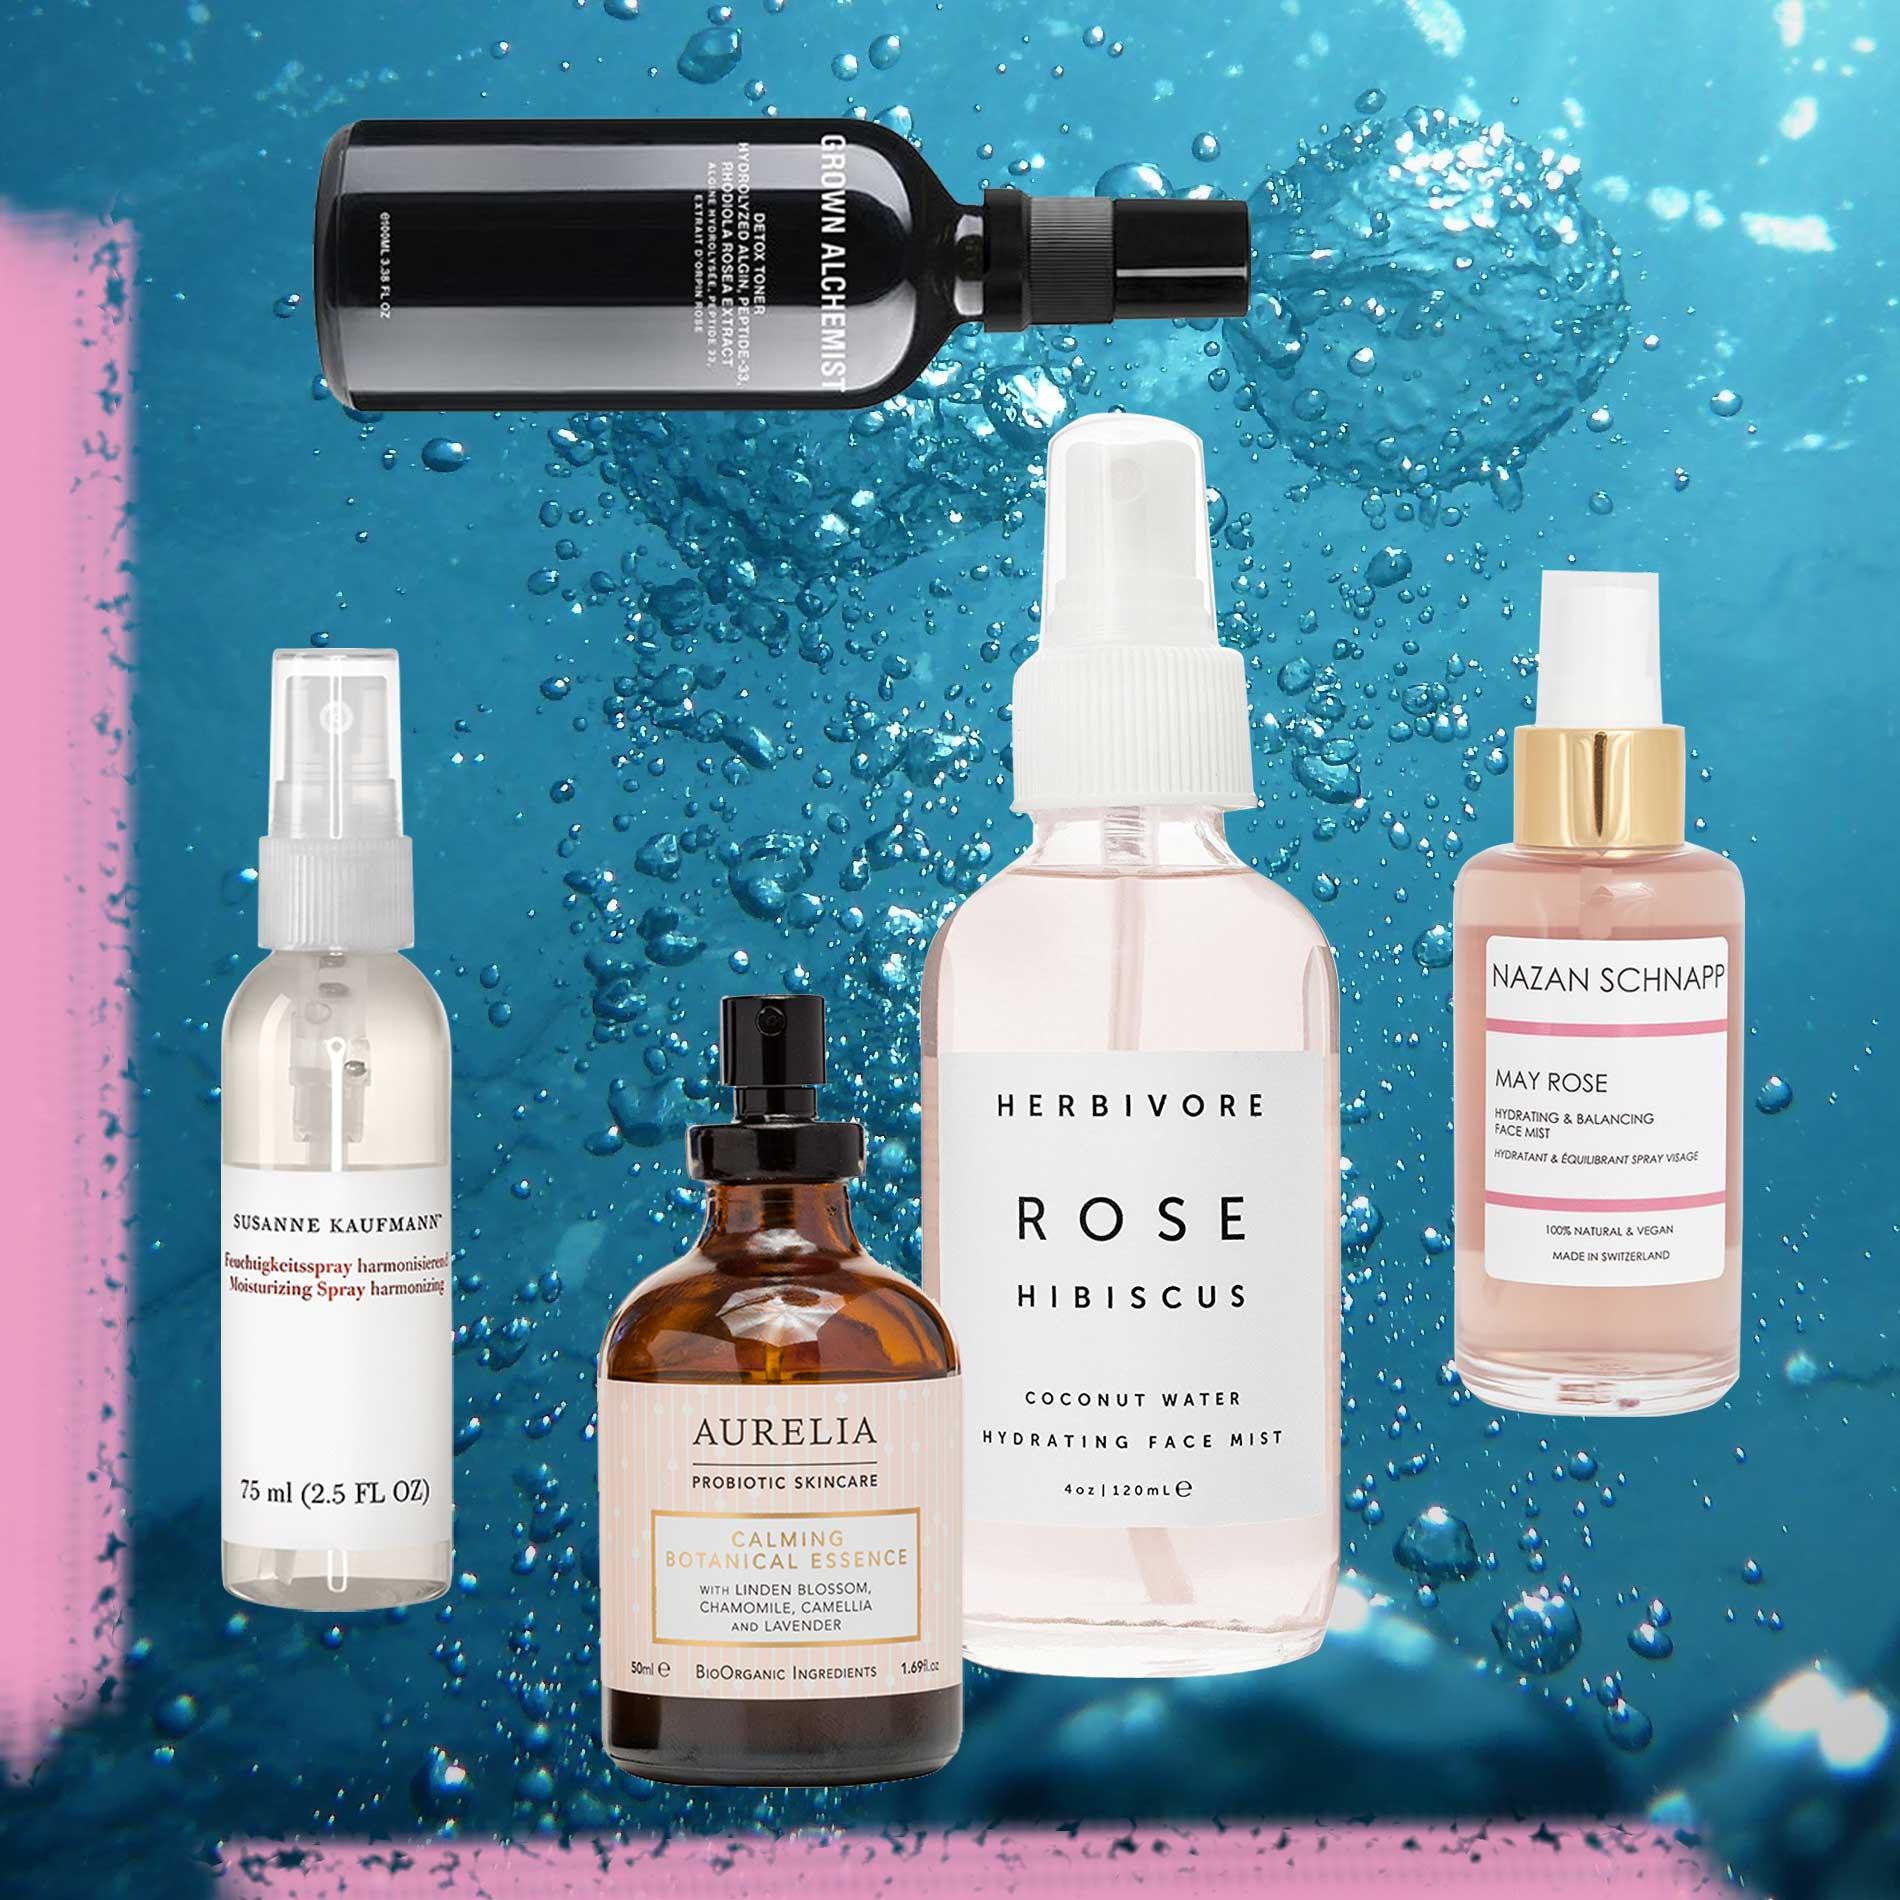 erfrischende Gesichtssprays, Face Mist, Gesichtspflege, Feuchtigkeit, Naturkosmetik, Hautpflege, Frische-Kick bei der Hitze, Abkühlung für die Haut, kühlende Gesichtssprays